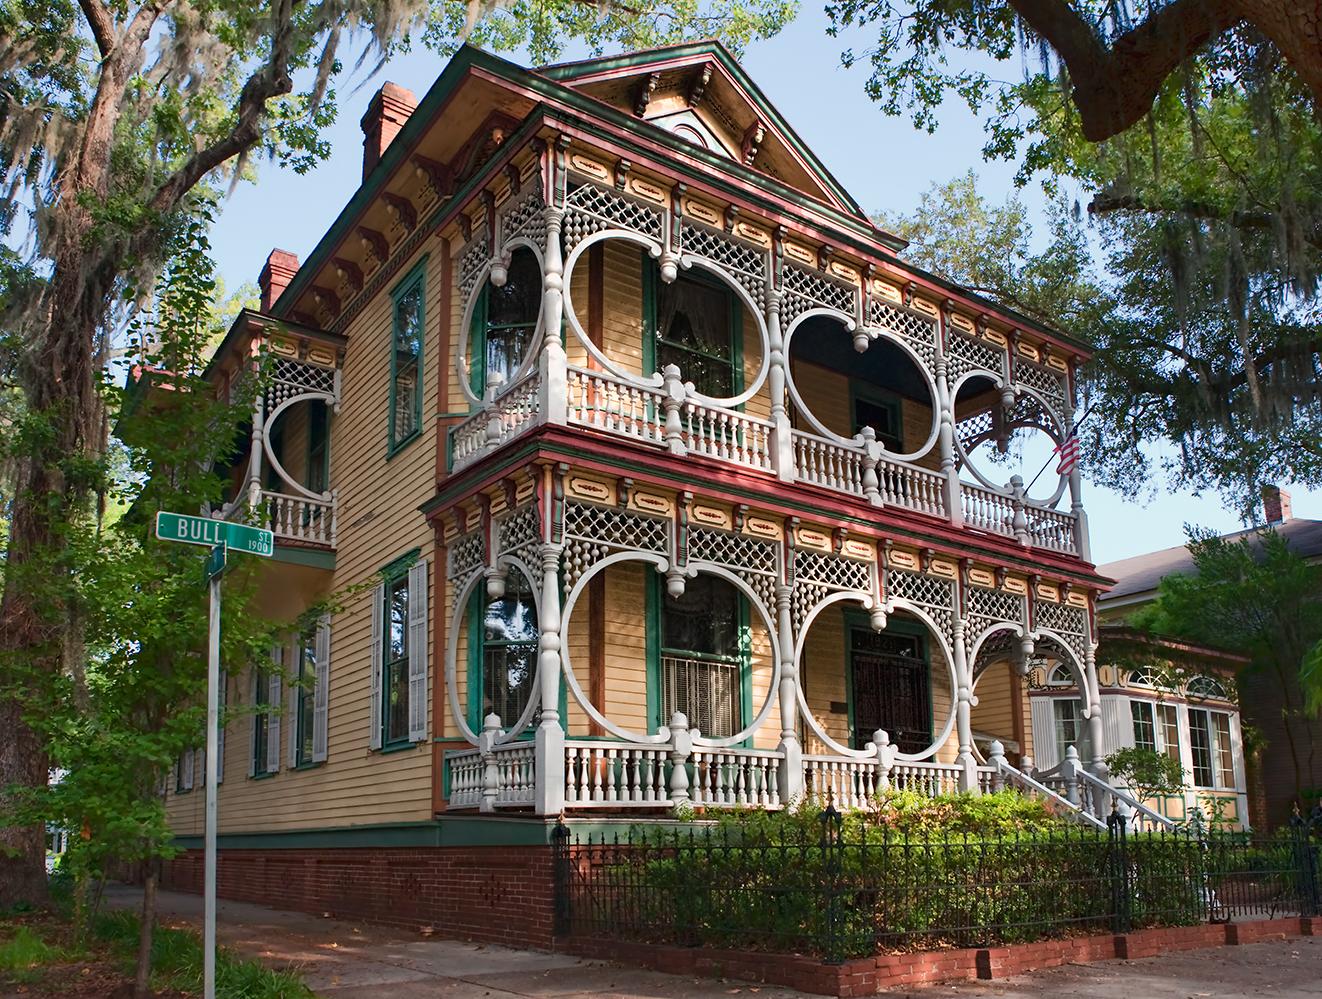 The Gingerbread House Savannah Ga